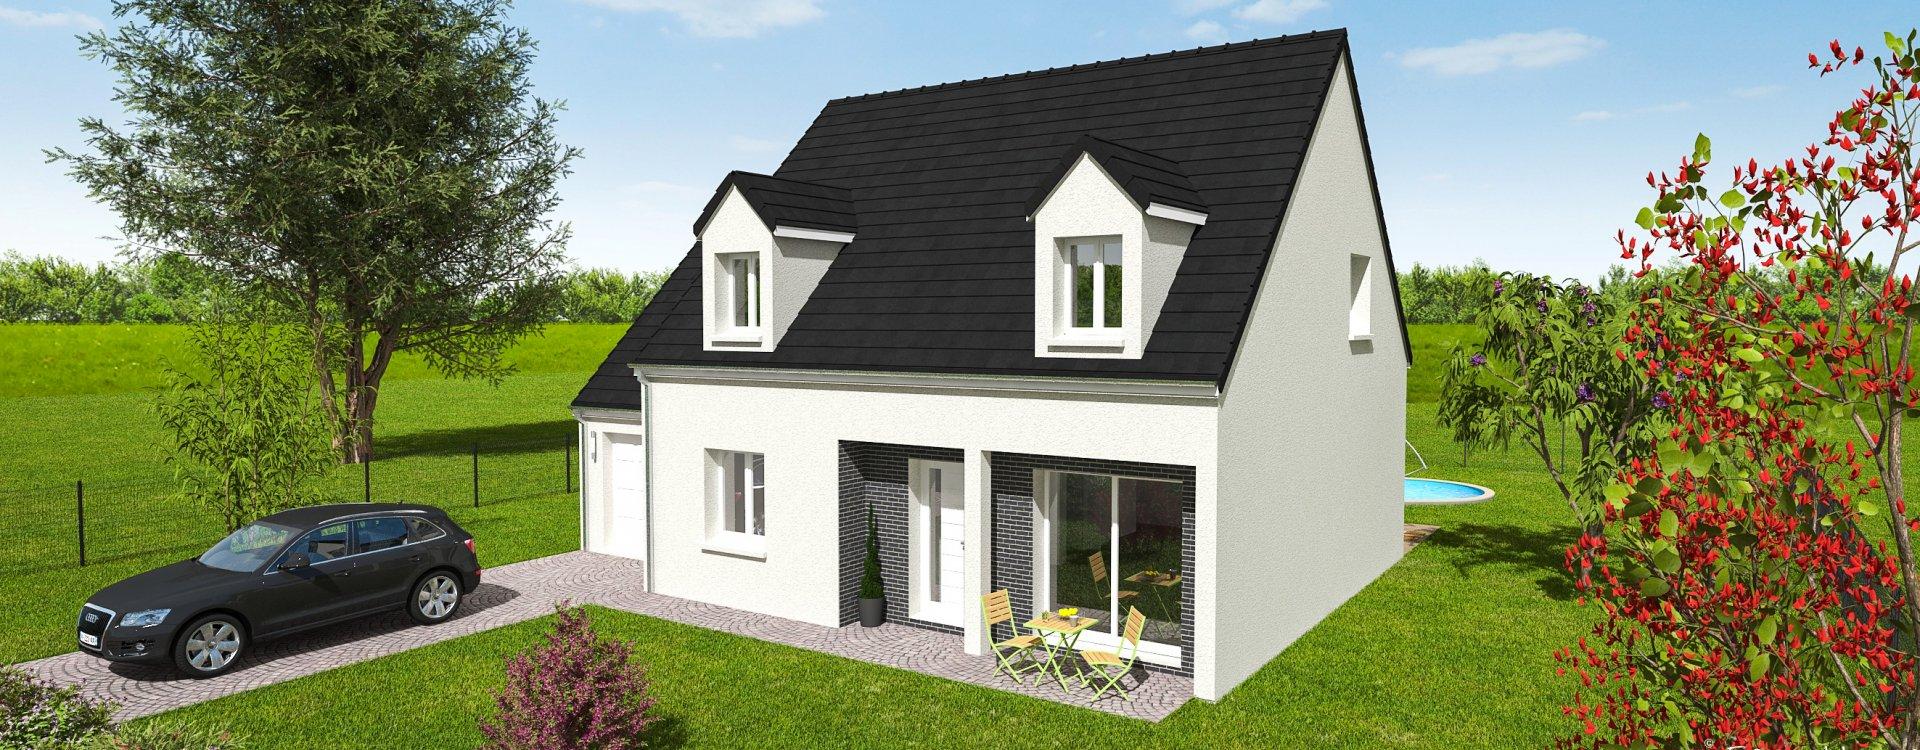 Maisons + Terrains du constructeur EASY HOUSE • 112 m² • NEUVY EN SULLIAS